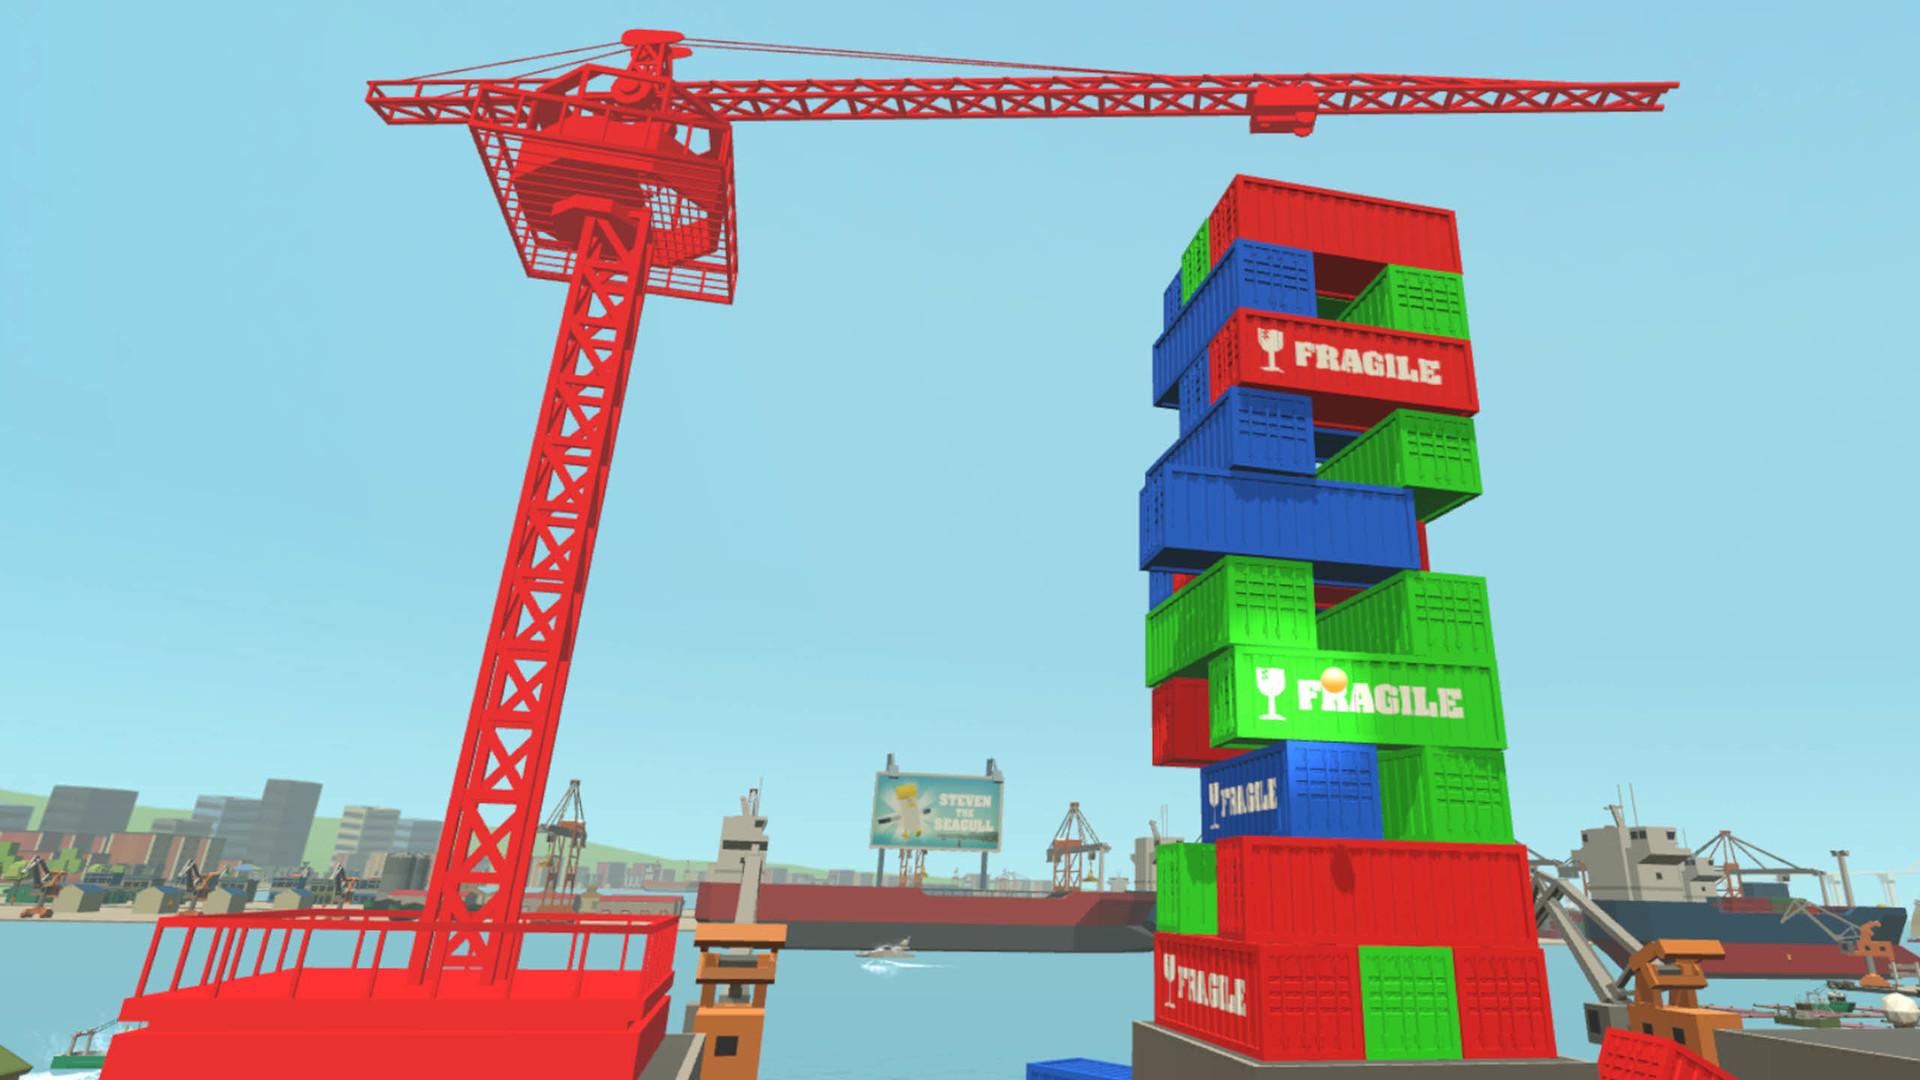 情怀游戏也疯狂——CRANGA!:Harbor Frenzy体验测评